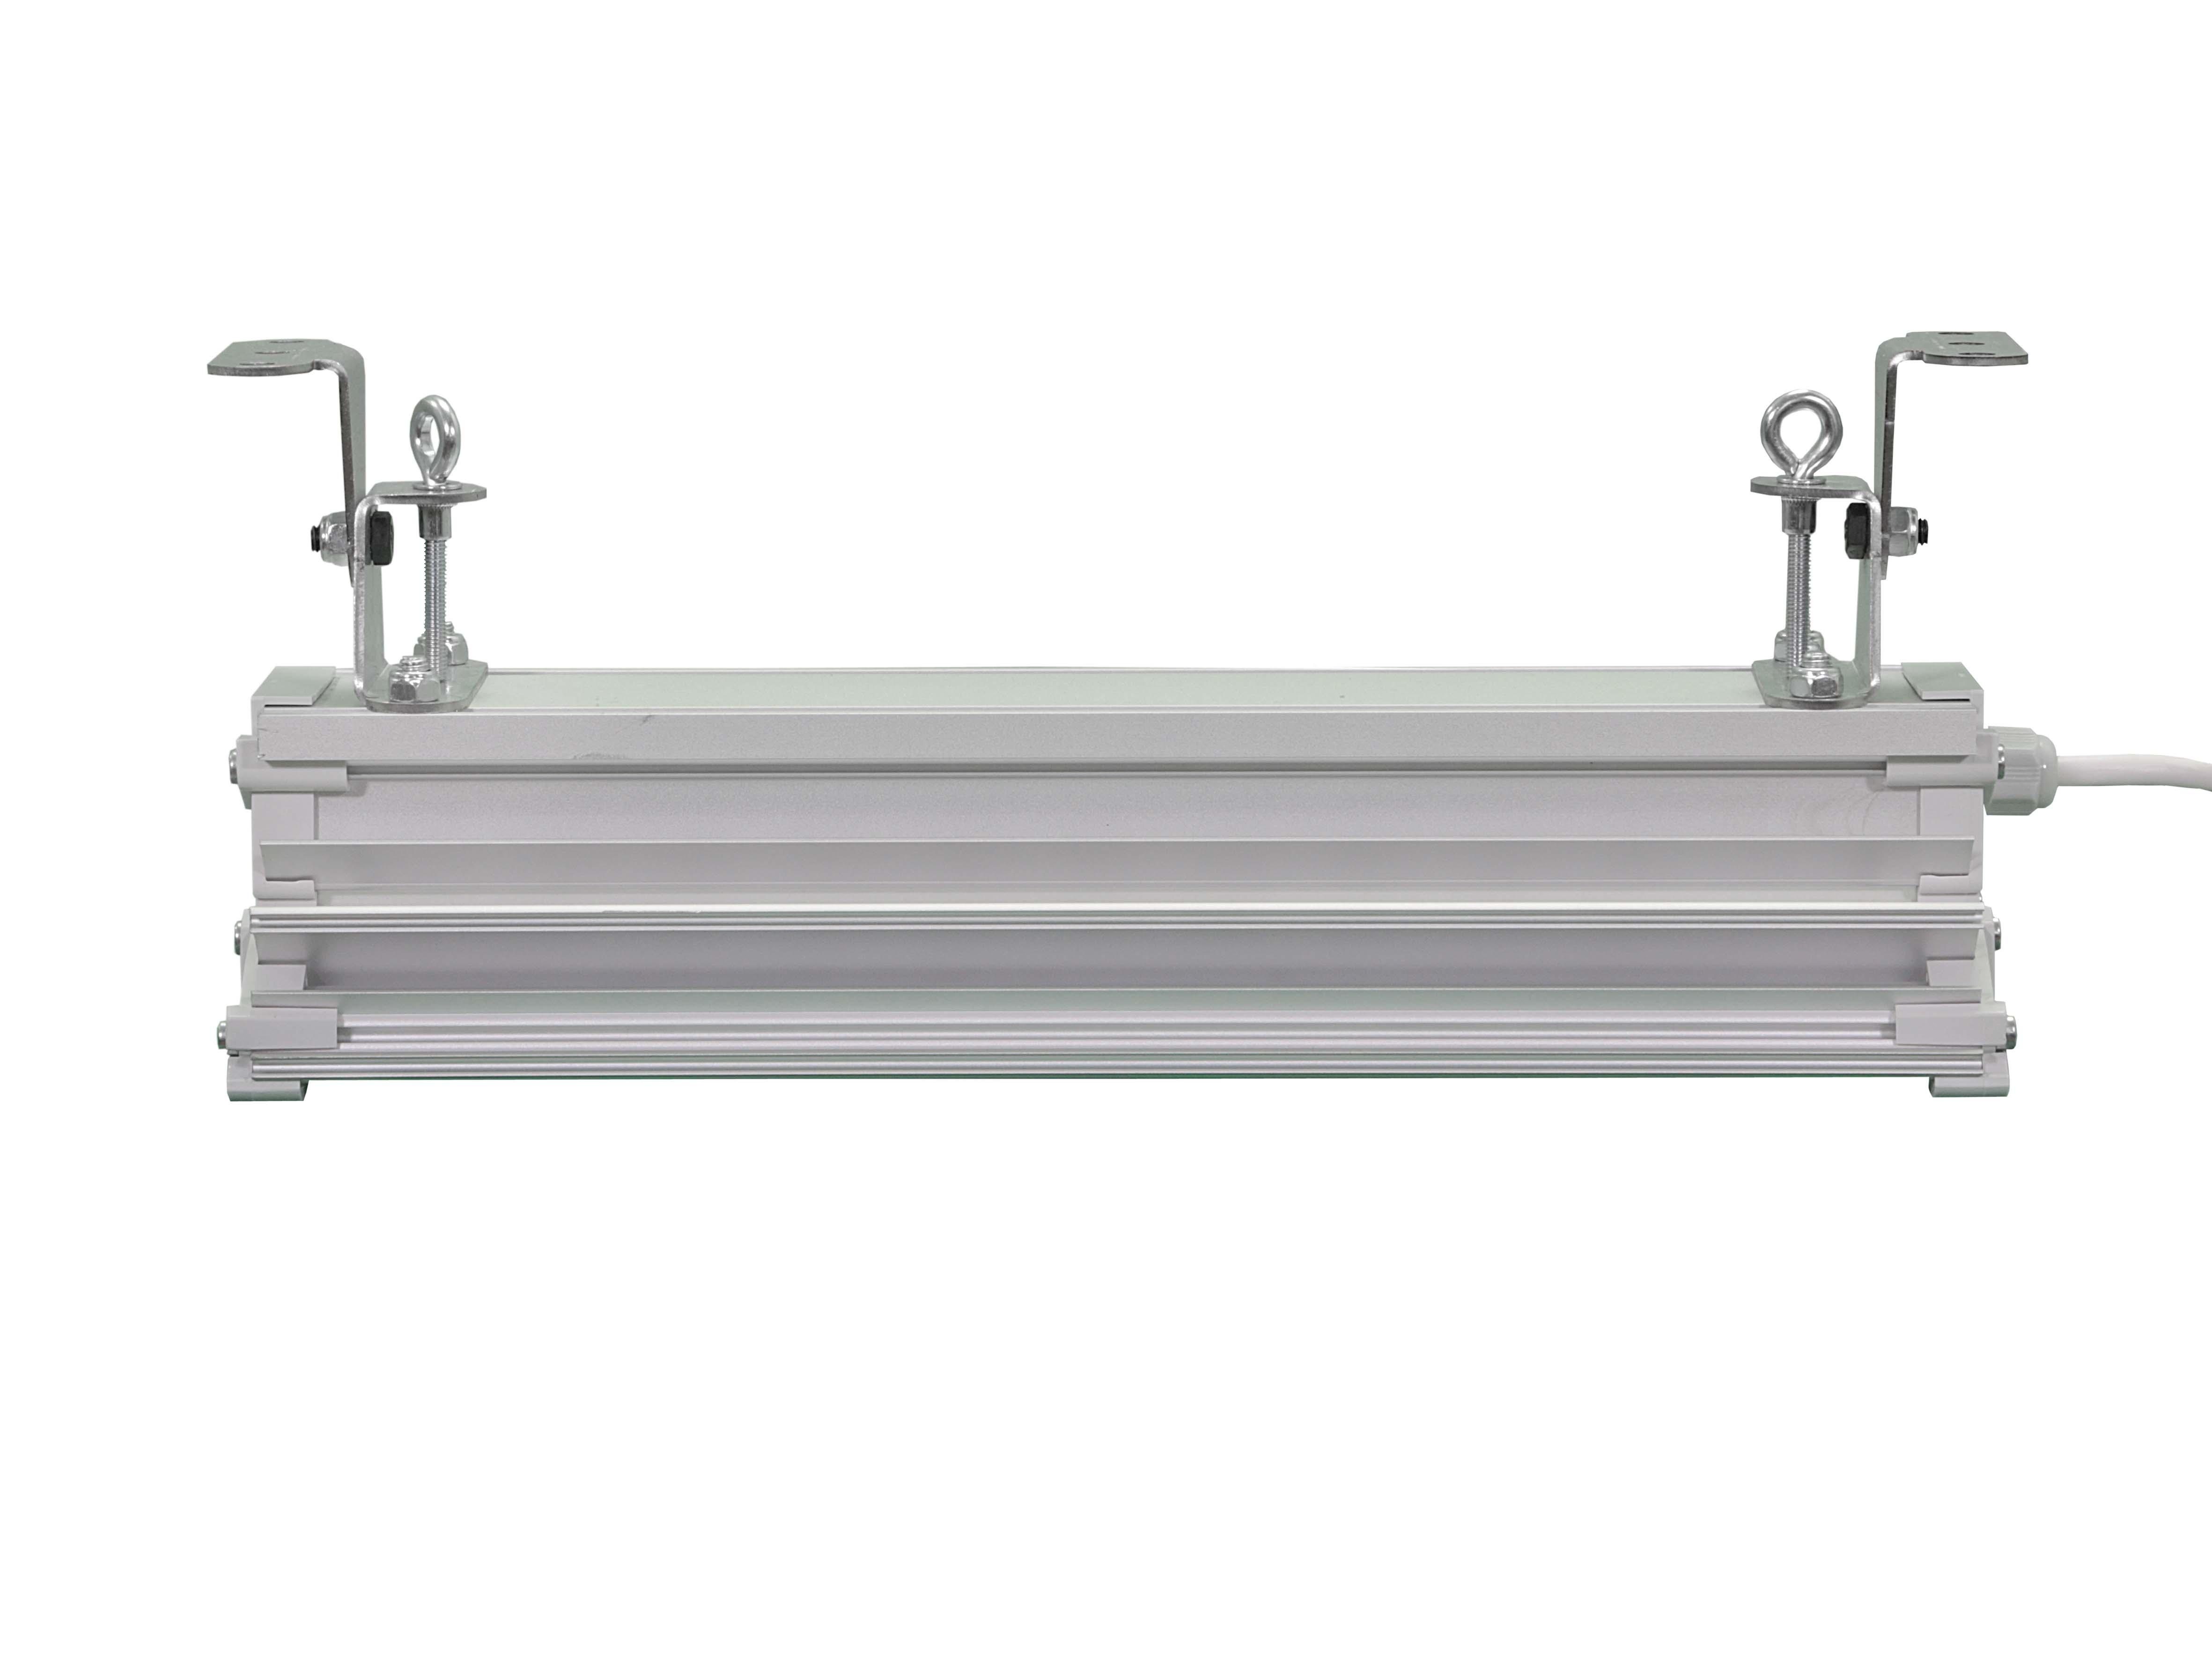 Промышленный светодиодный светильник ДСП Стандарт-35 35Вт 4034Лм